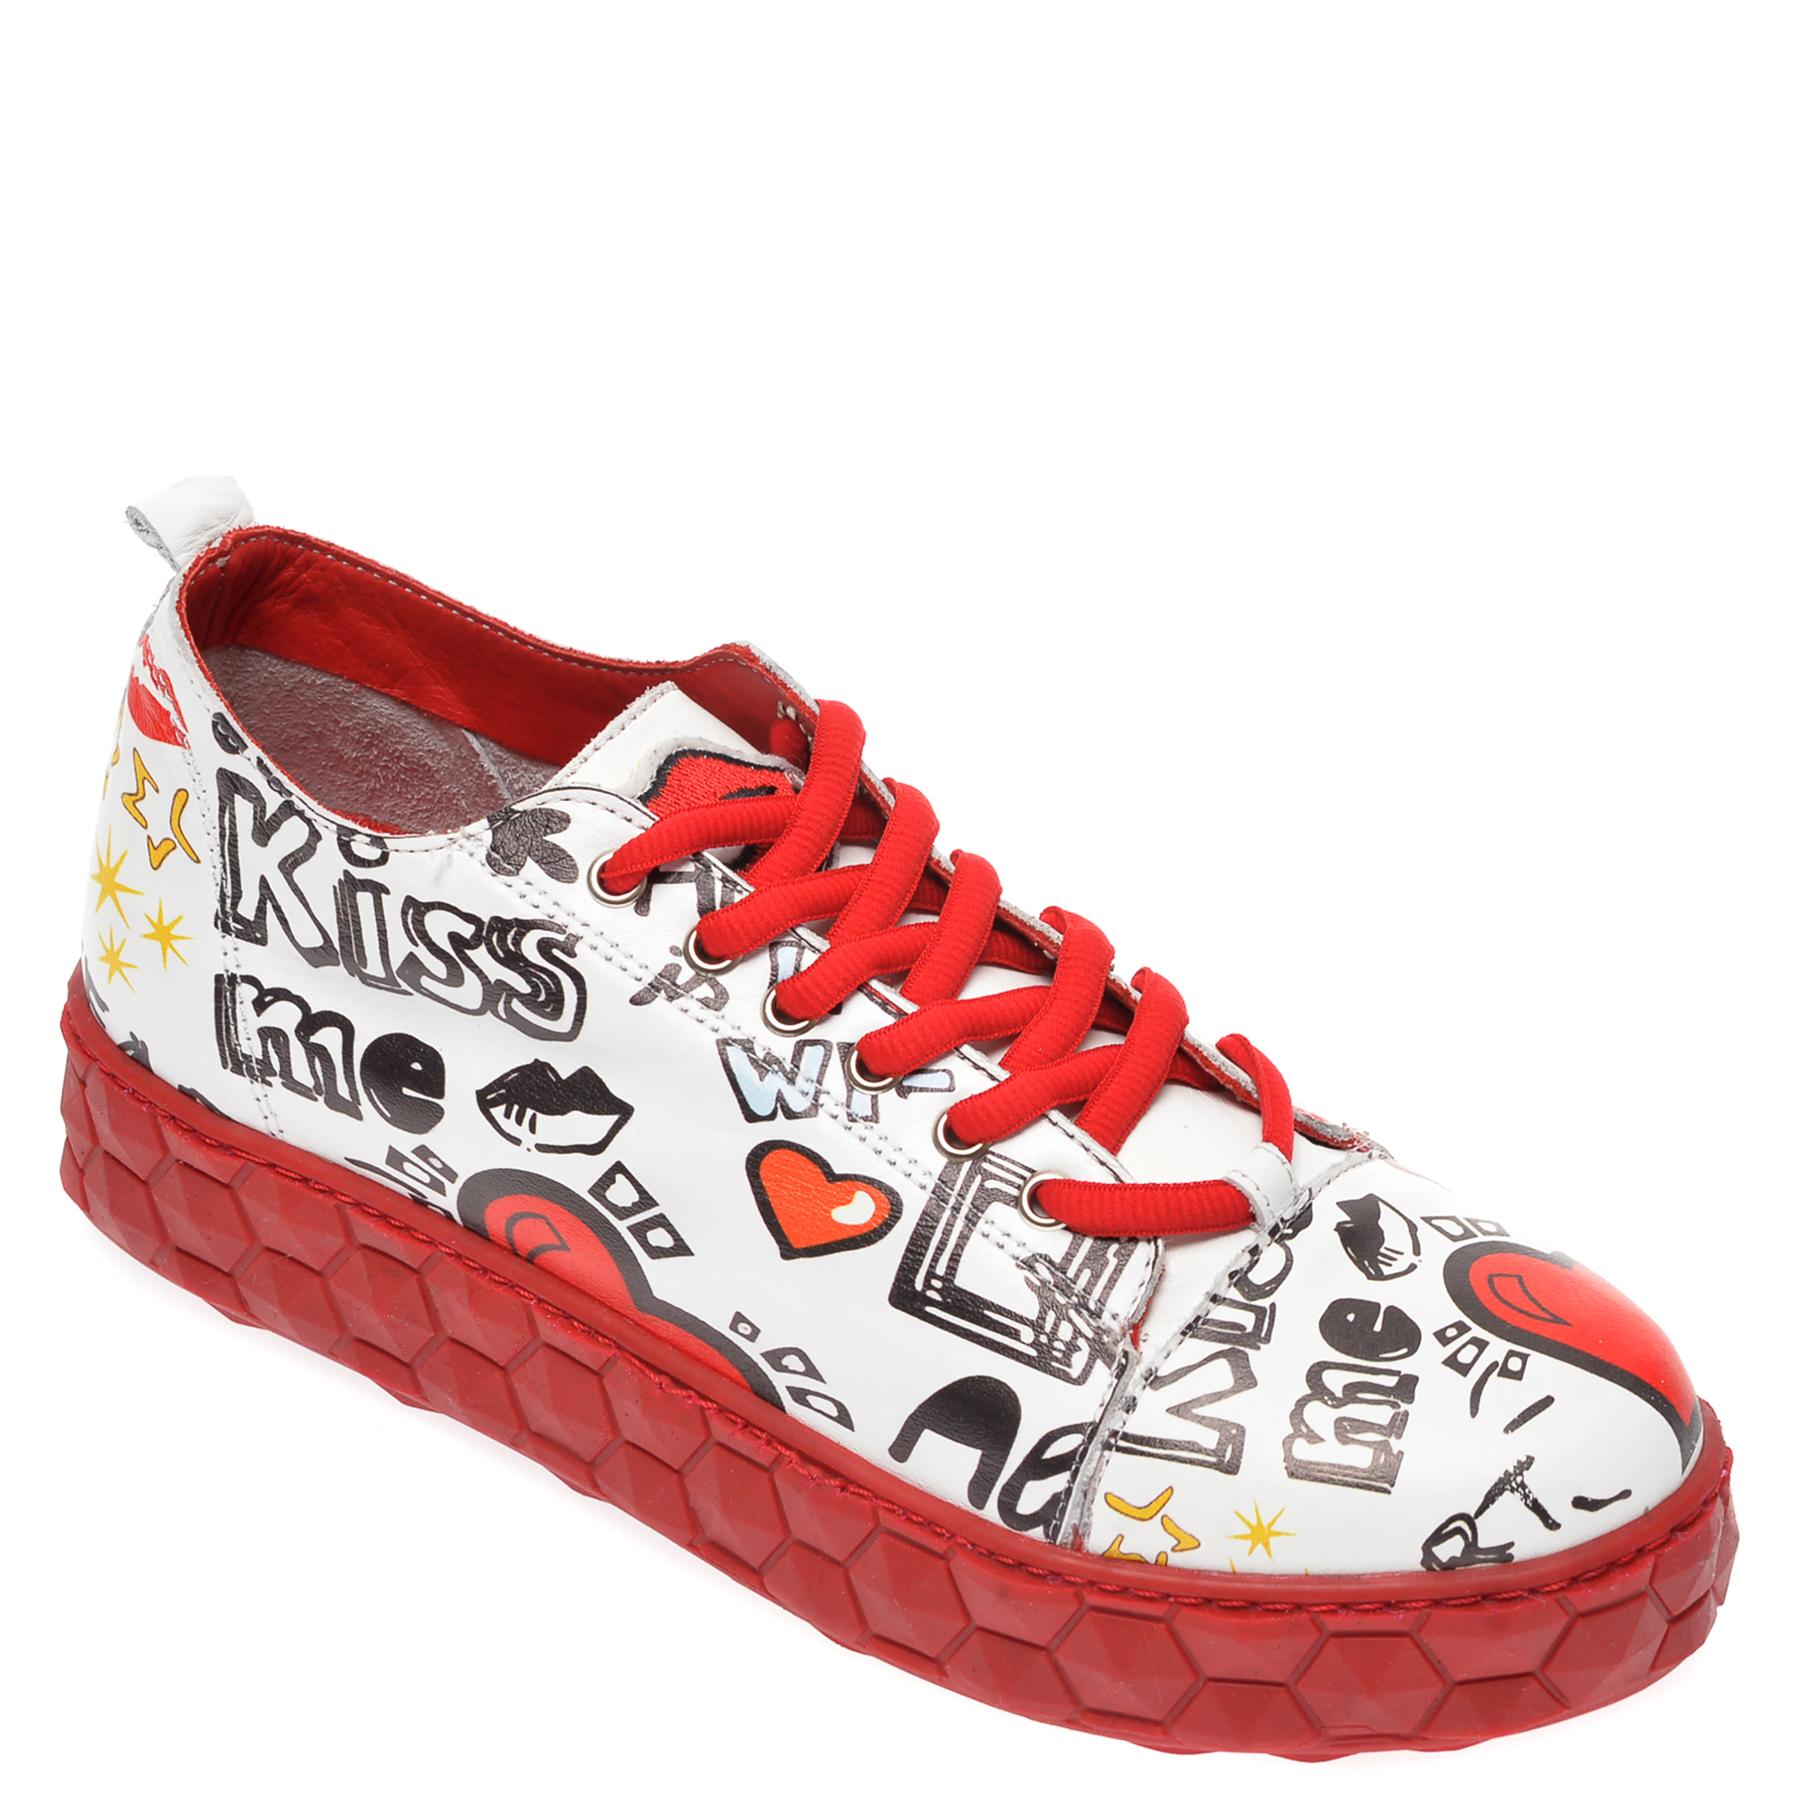 Pantofi sport FLAVIA PASSINI multicolor, 3621108, din piele naturala